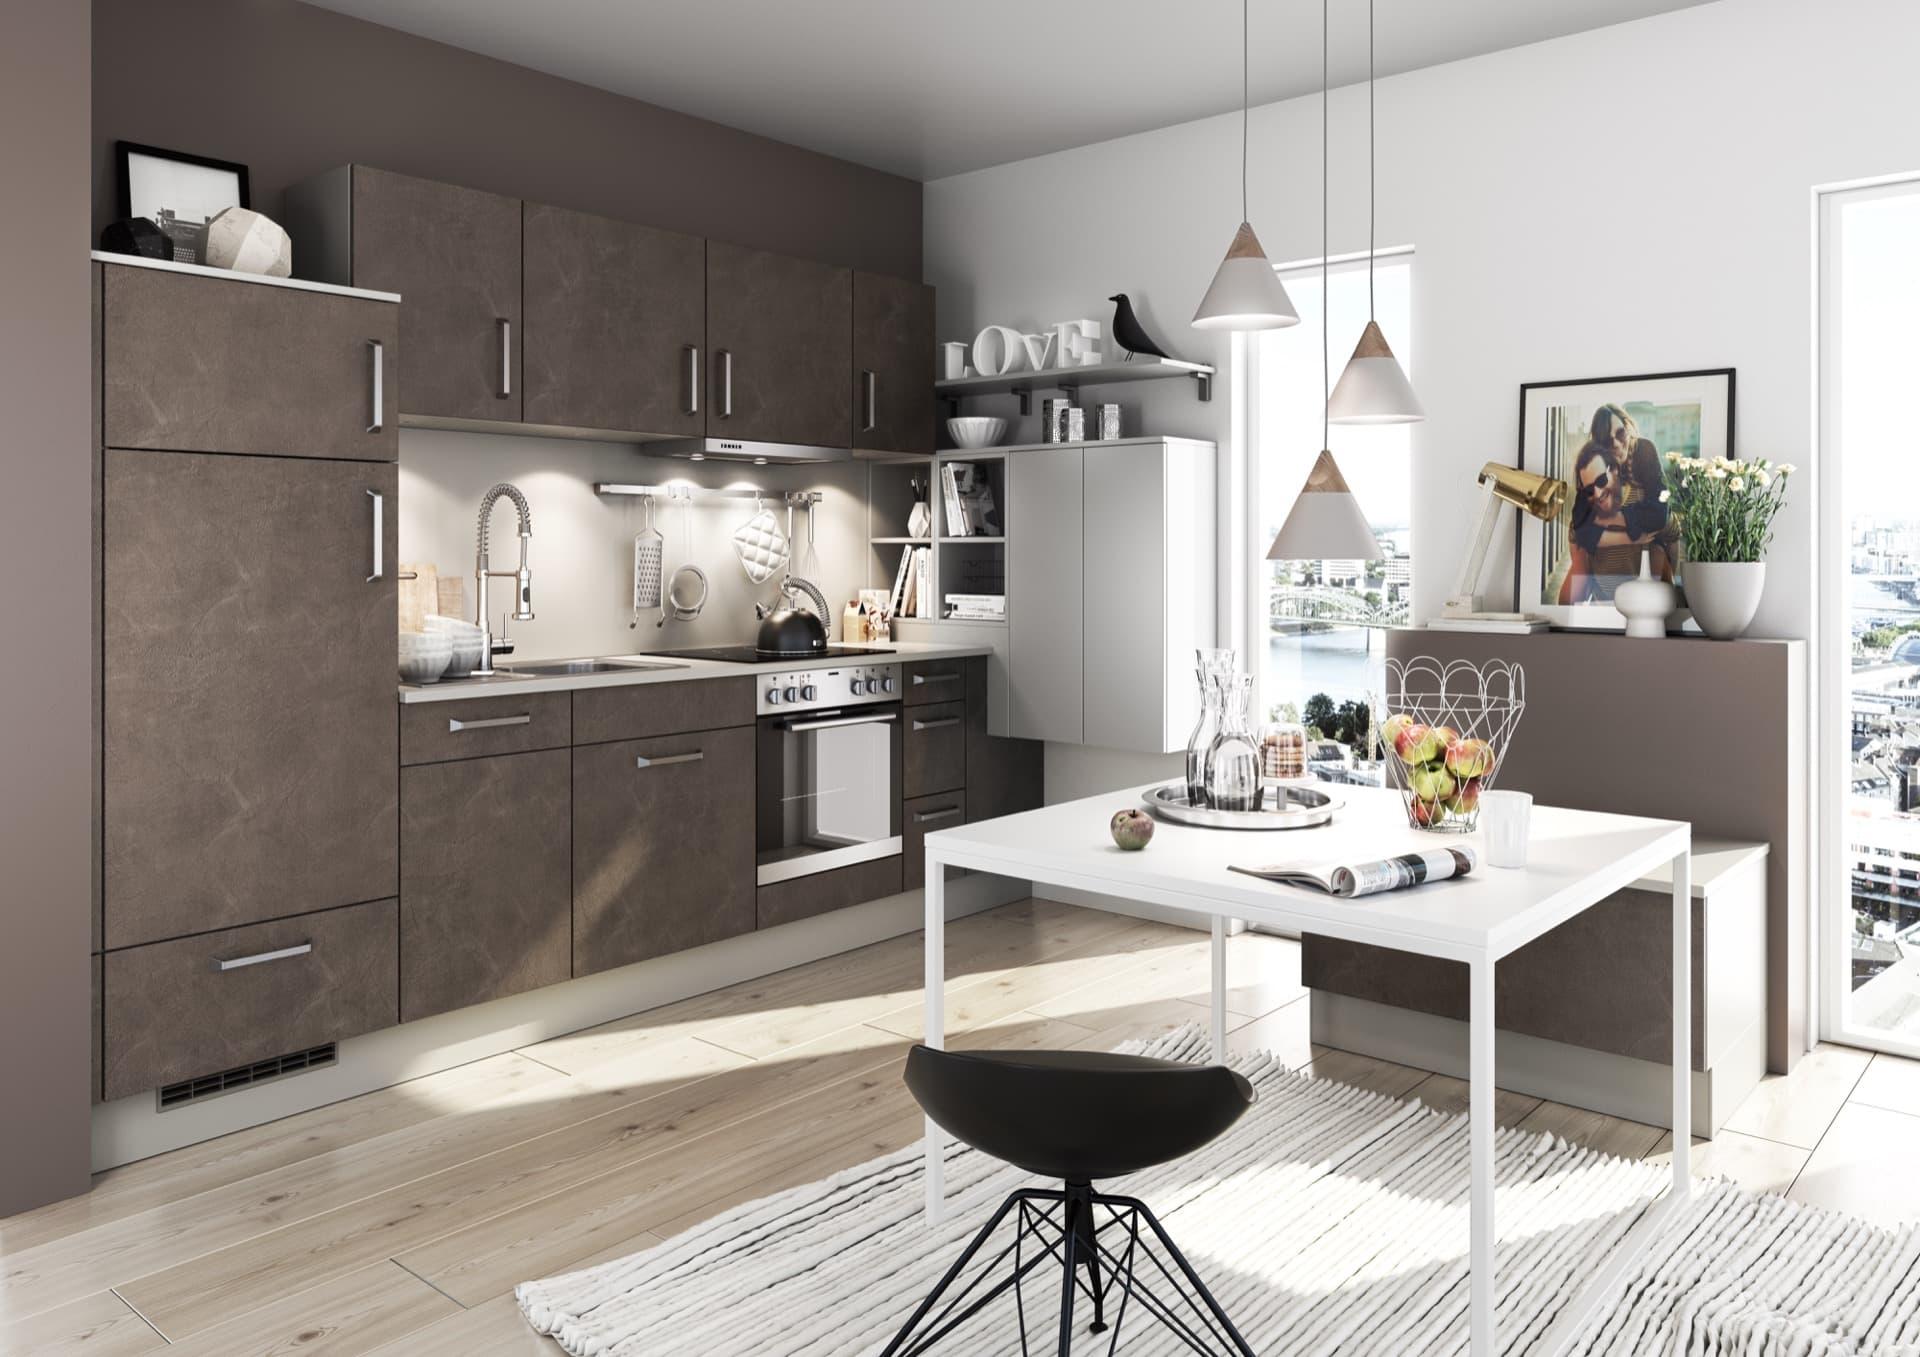 www meine kueche de meine kche hamburg nolte portland with www meine kueche de beautiful. Black Bedroom Furniture Sets. Home Design Ideas